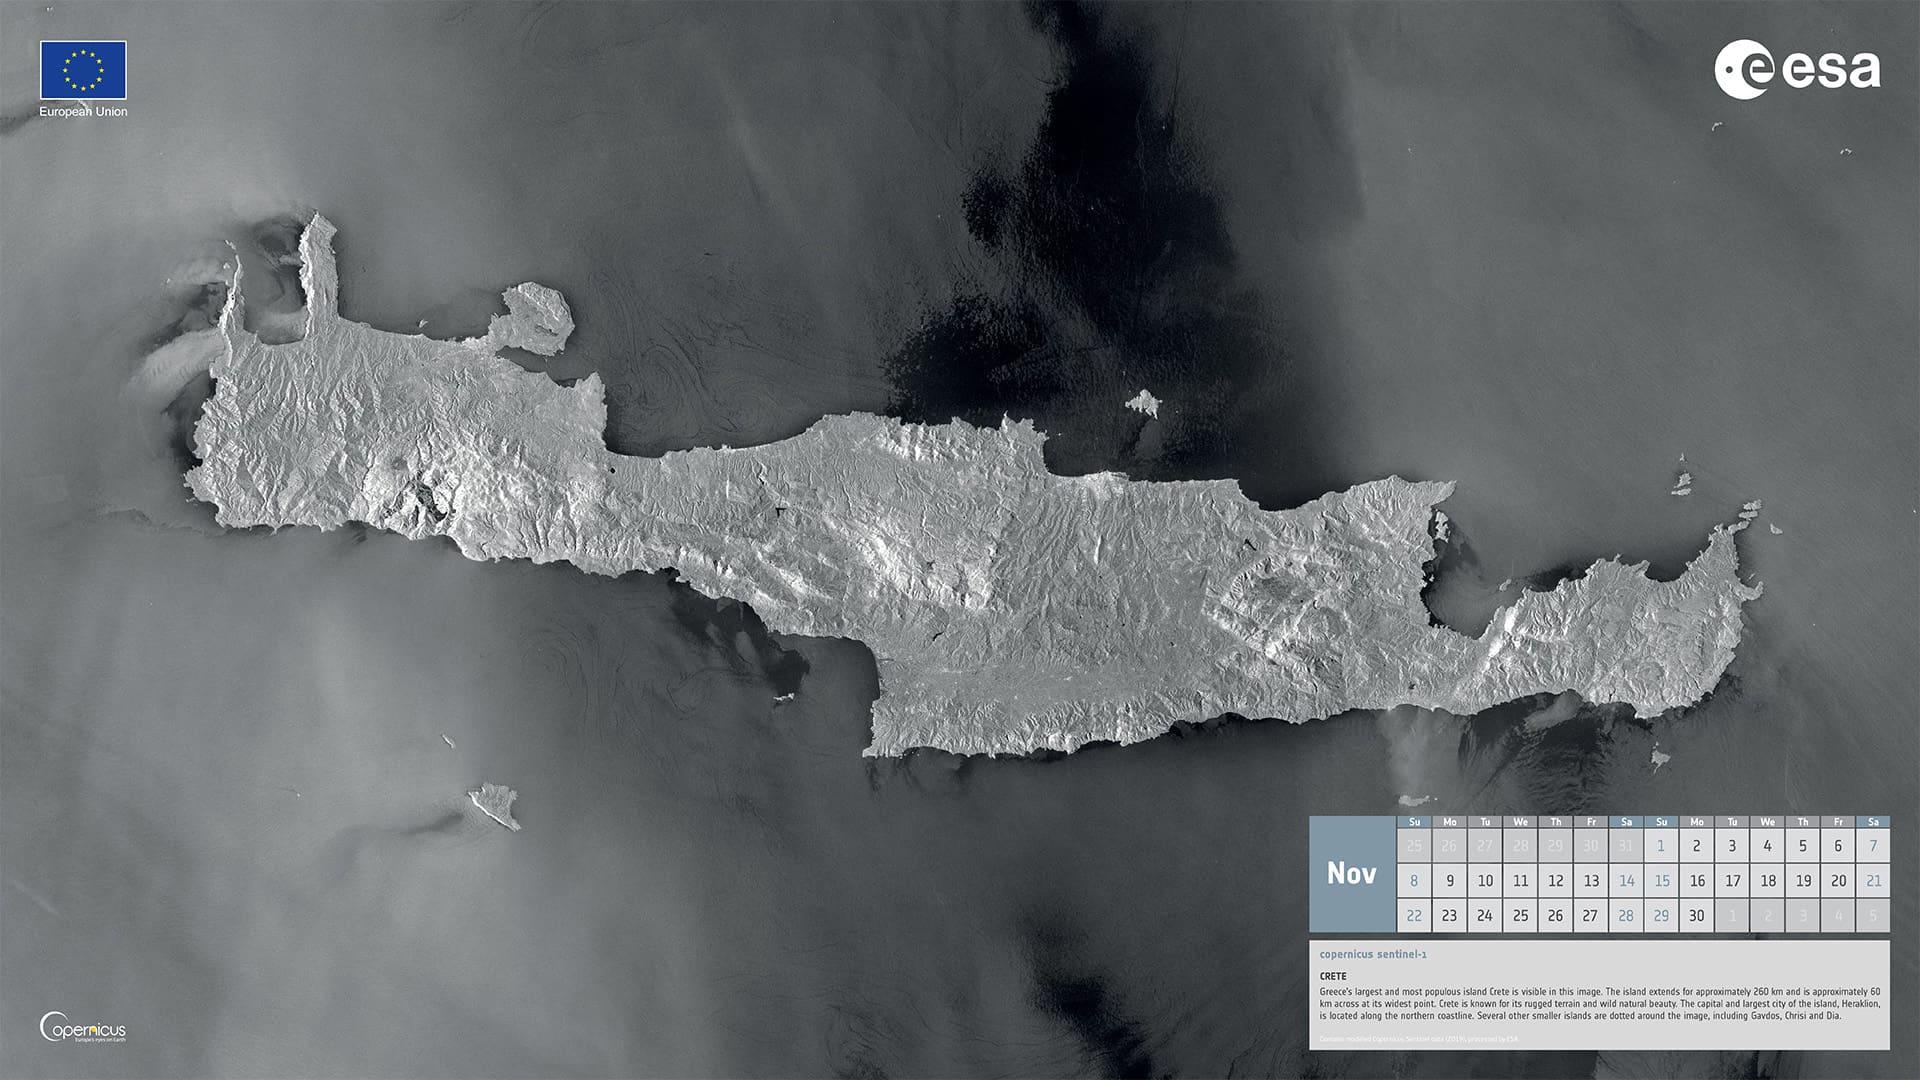 Novembre 2020 - Île de Crète (Grèce)